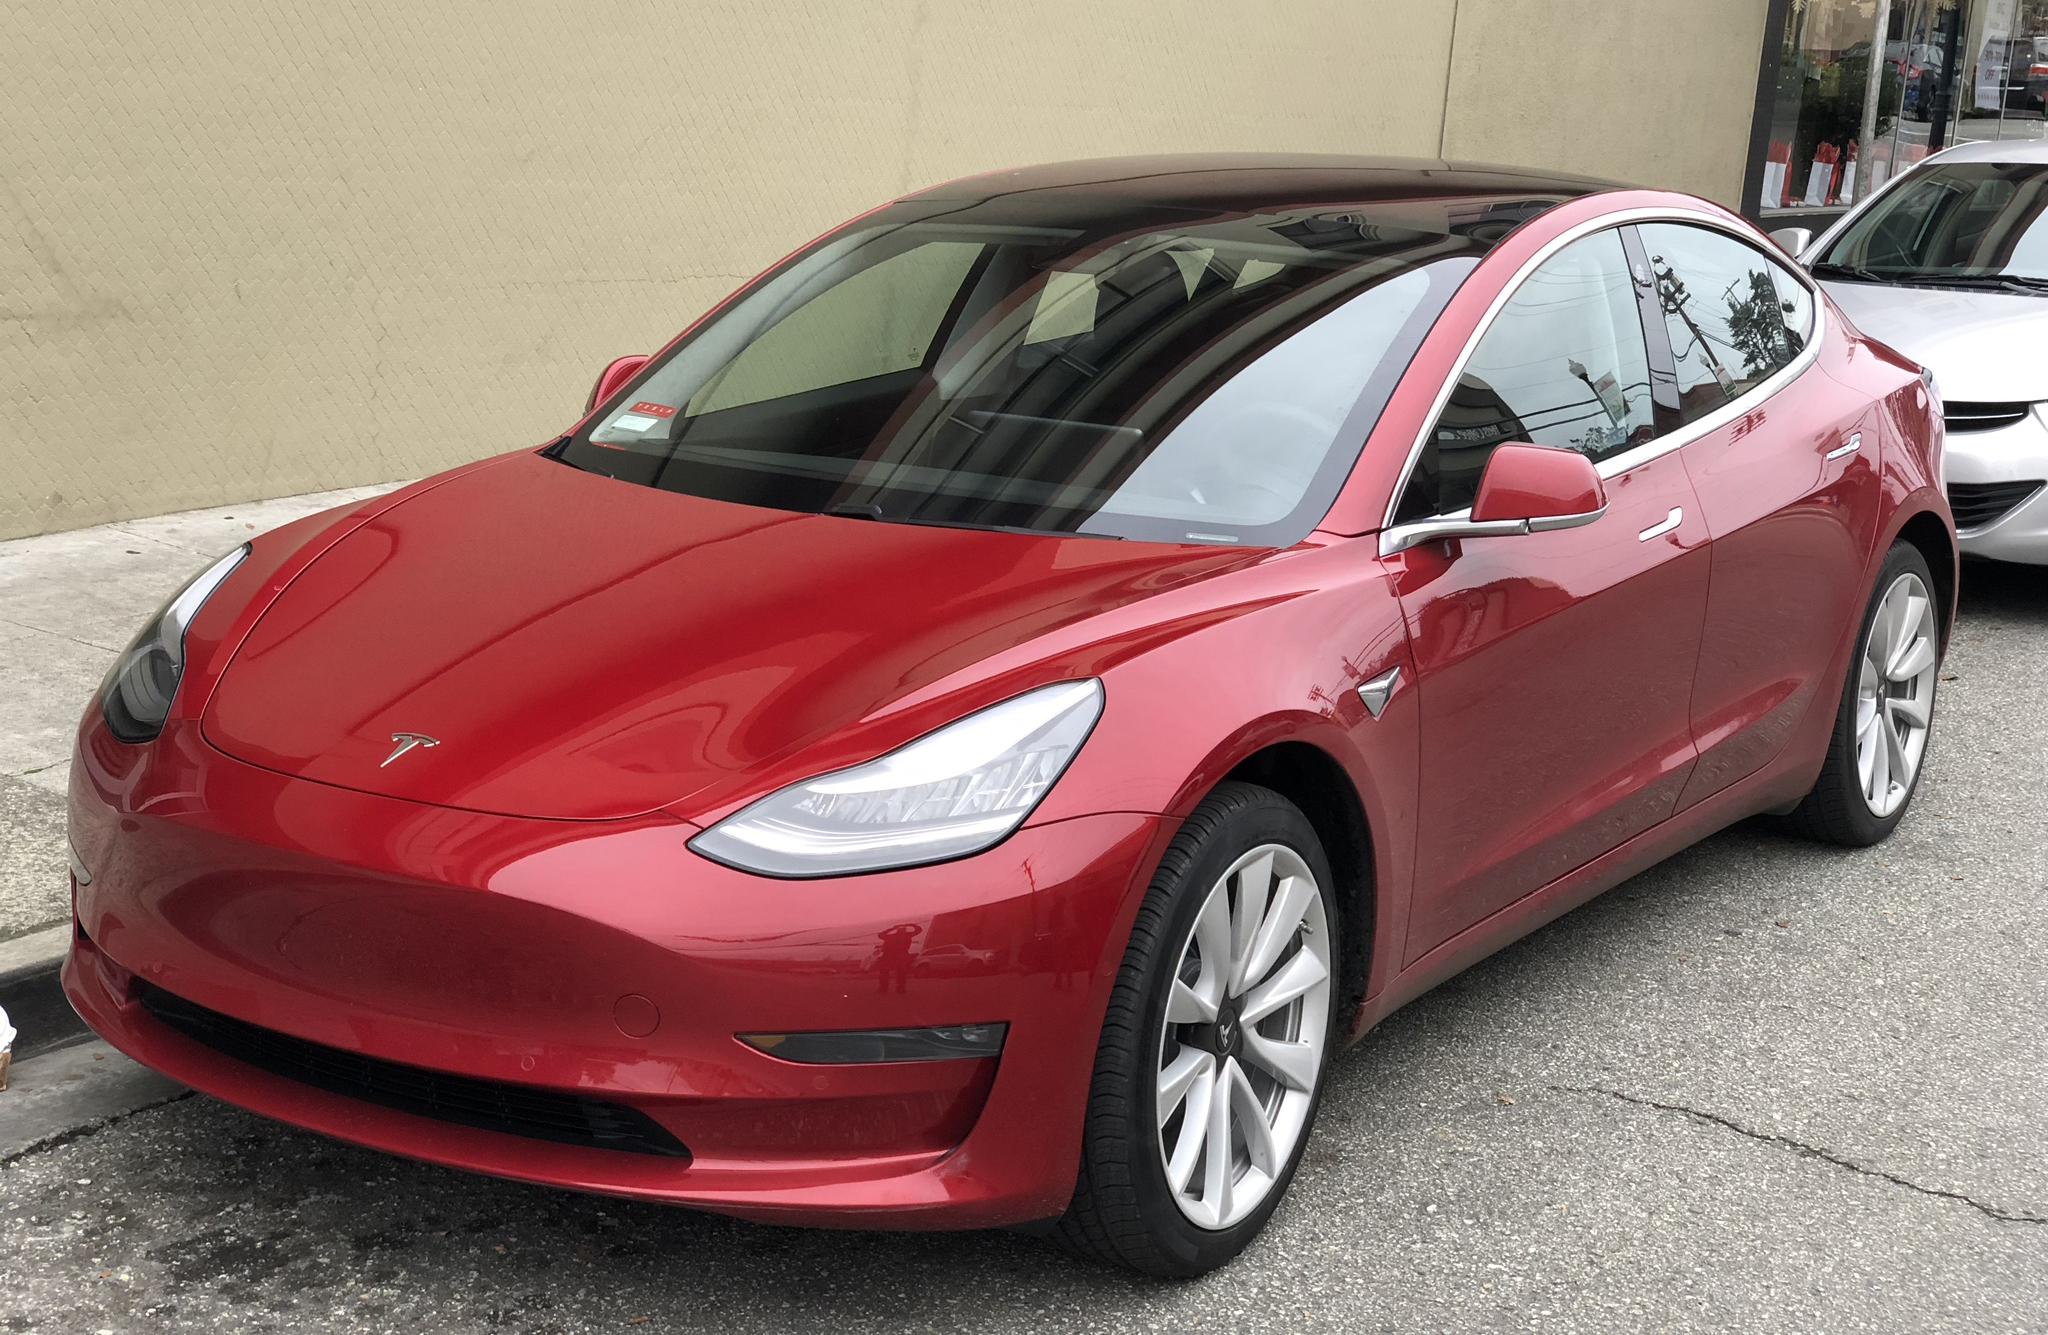 Стандартная модель Tesla Model 3 вошла в тройку лидеров по энергоэффективности